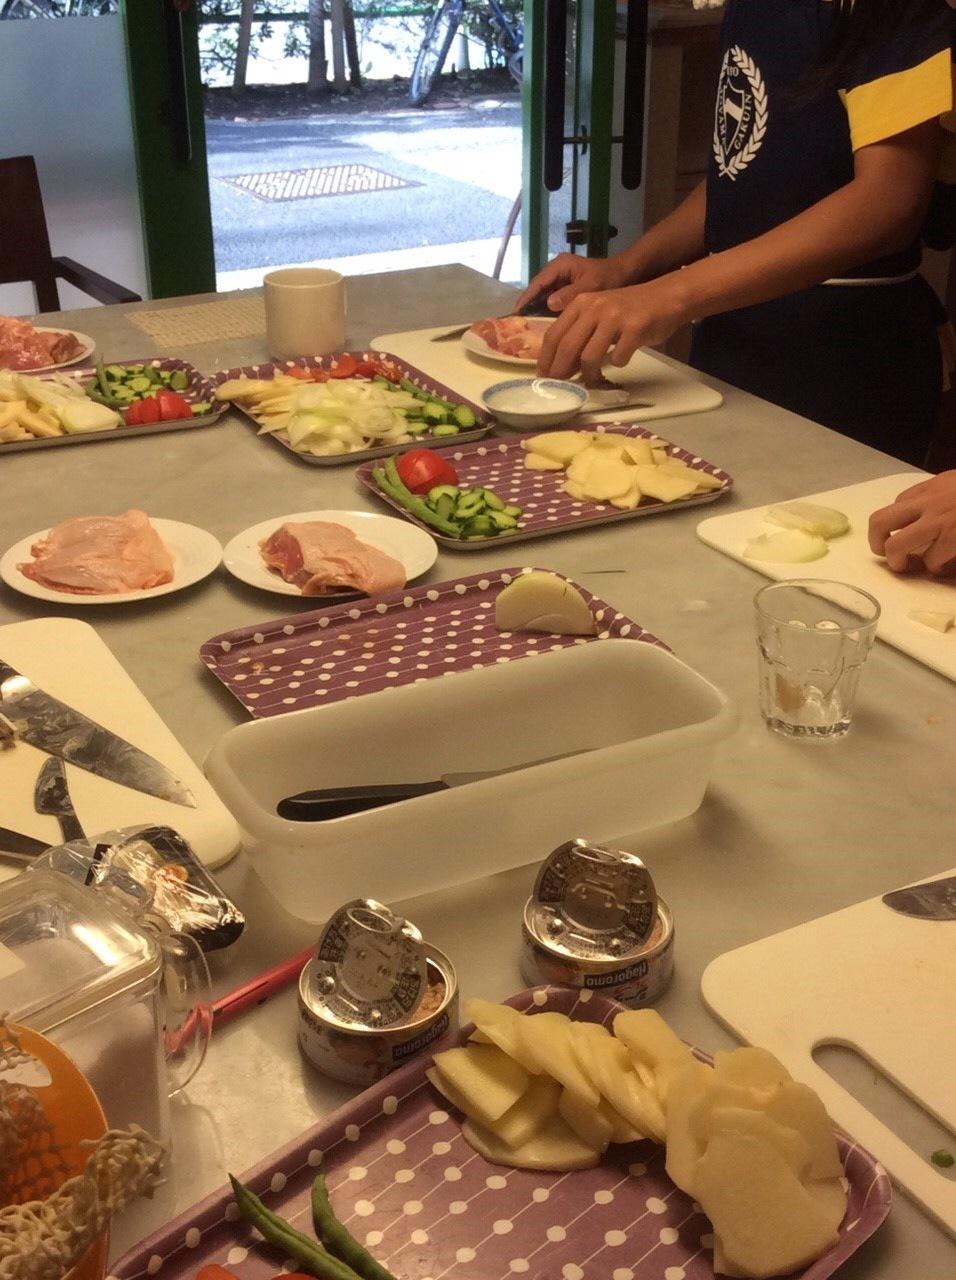 ハッピークッキング・・・フランス料理「鶏肉のグラタン、サラダニソワーズ」_f0141419_08545632.jpg